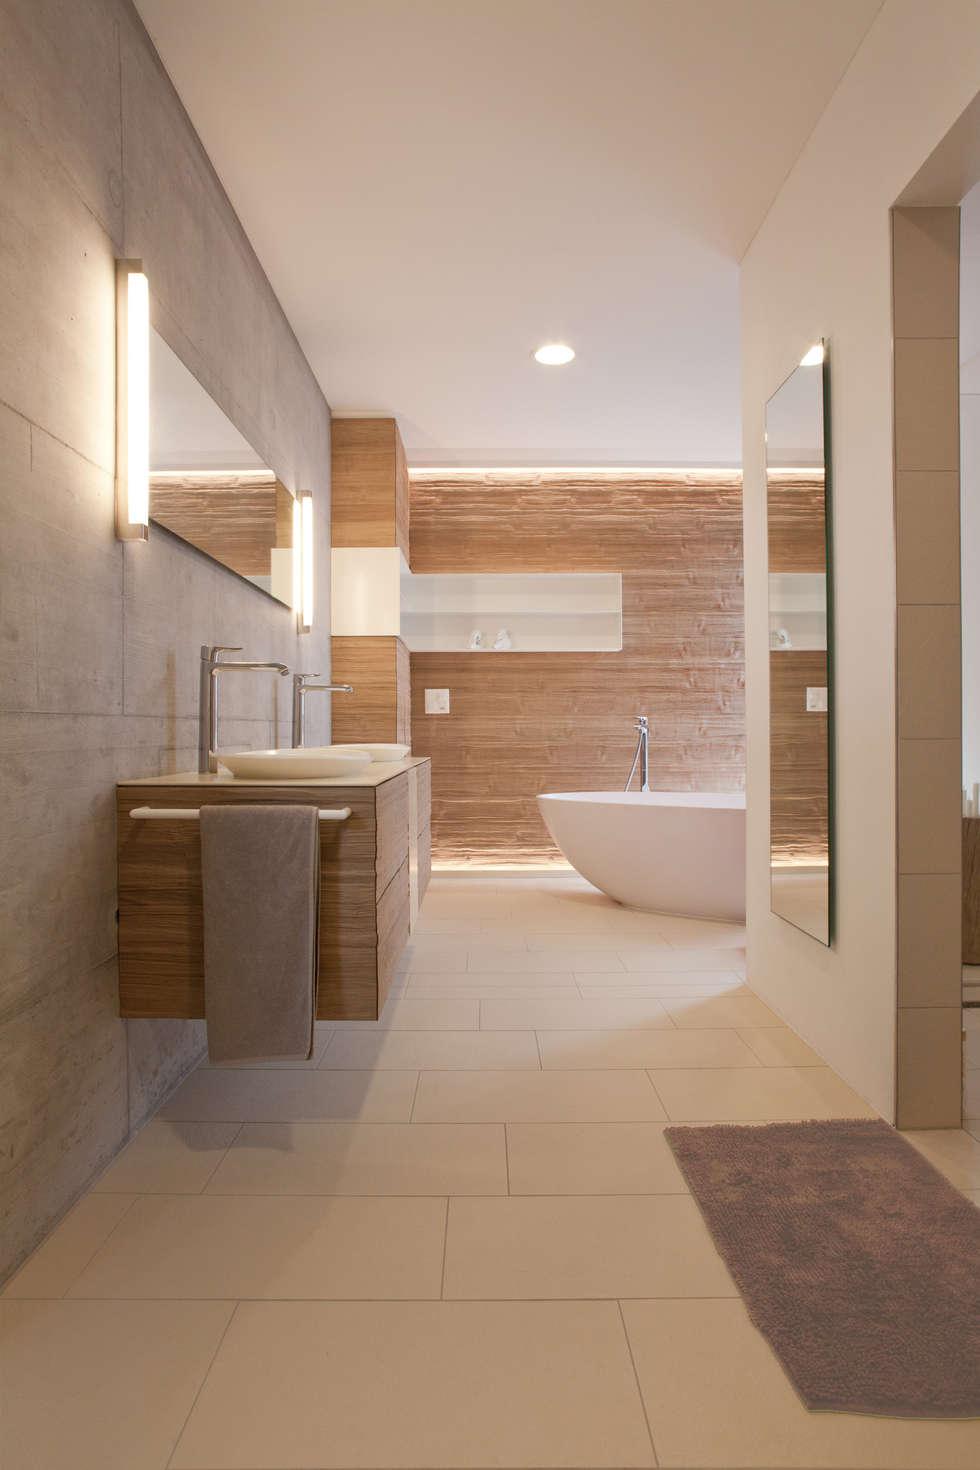 Wohnideen interior design einrichtungsideen bilder - Badumbau ideen ...